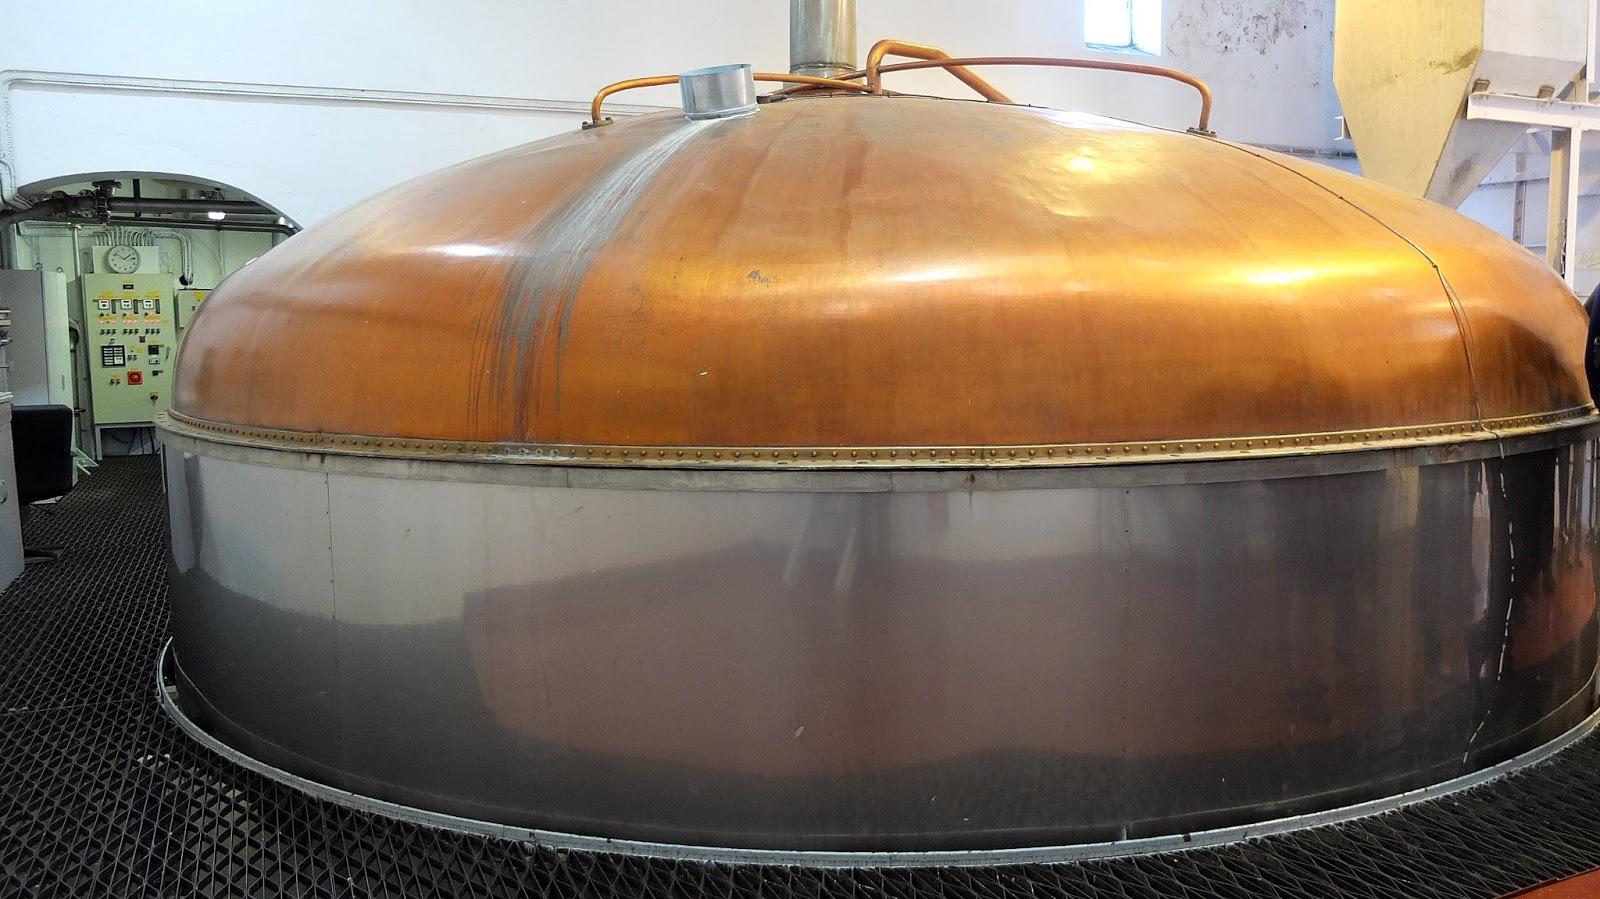 Macduff Distillery Tour